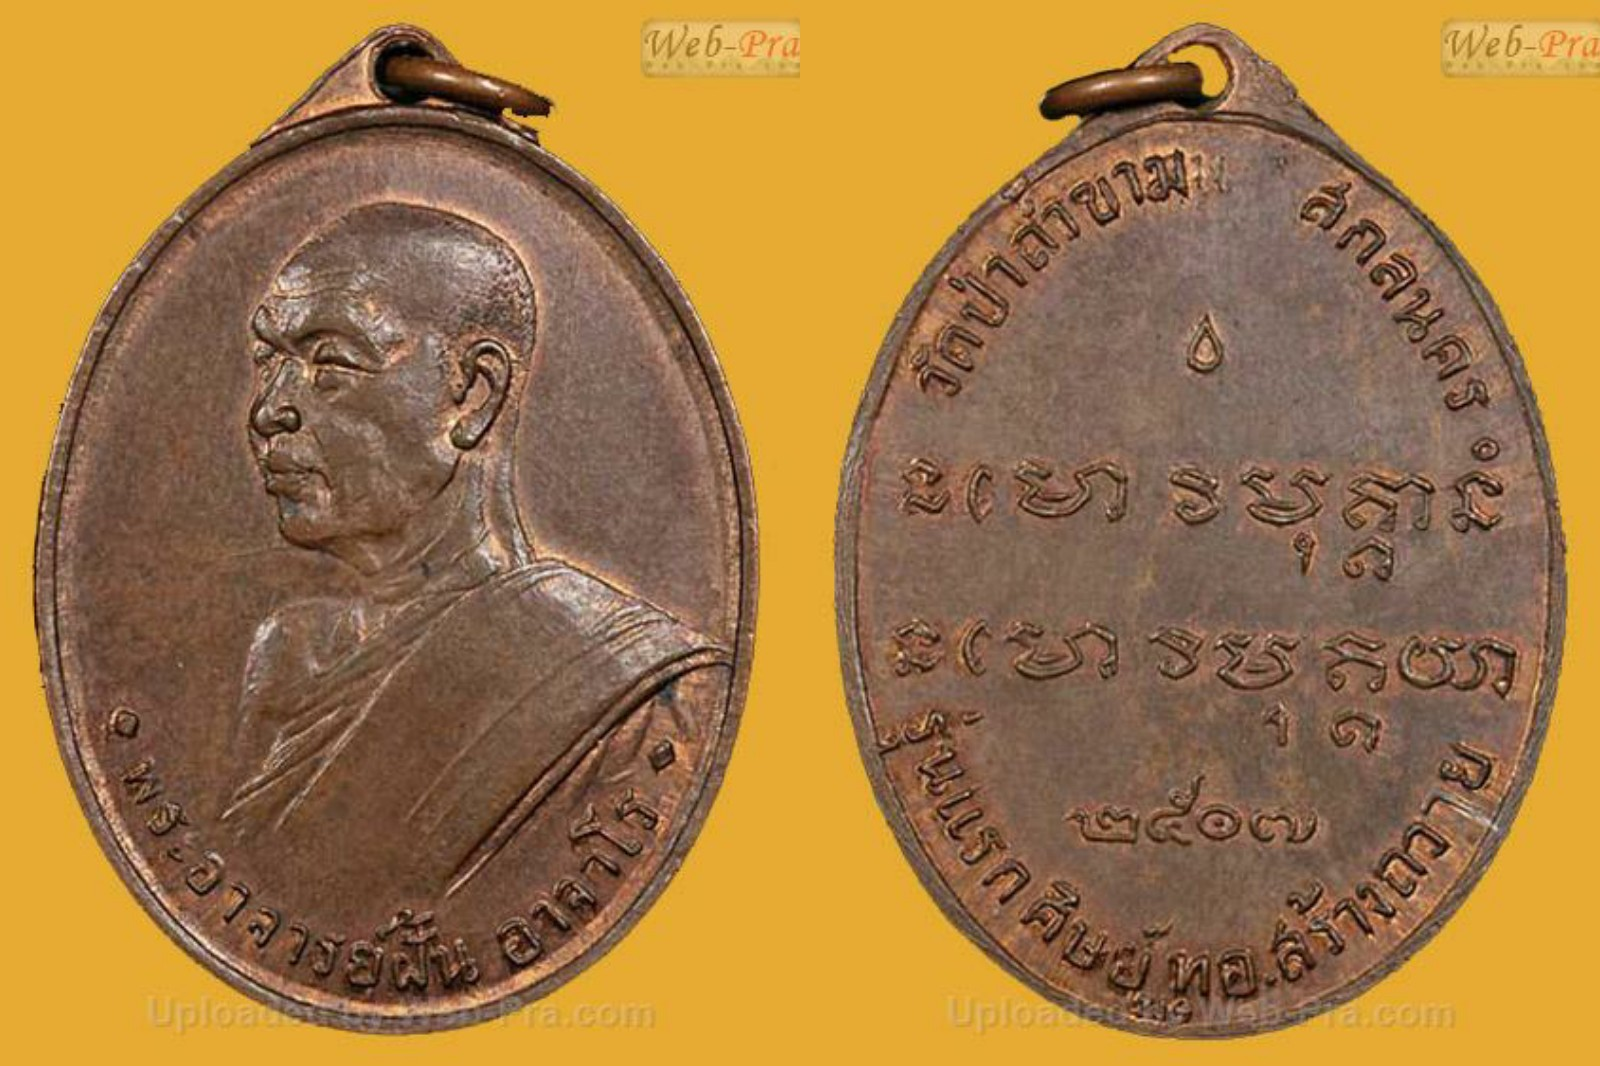 เหรียญพระอาจารย์ฝั้น อาจาโร วัดป่าถ้ำขาม รุ่นแรก 2507 2